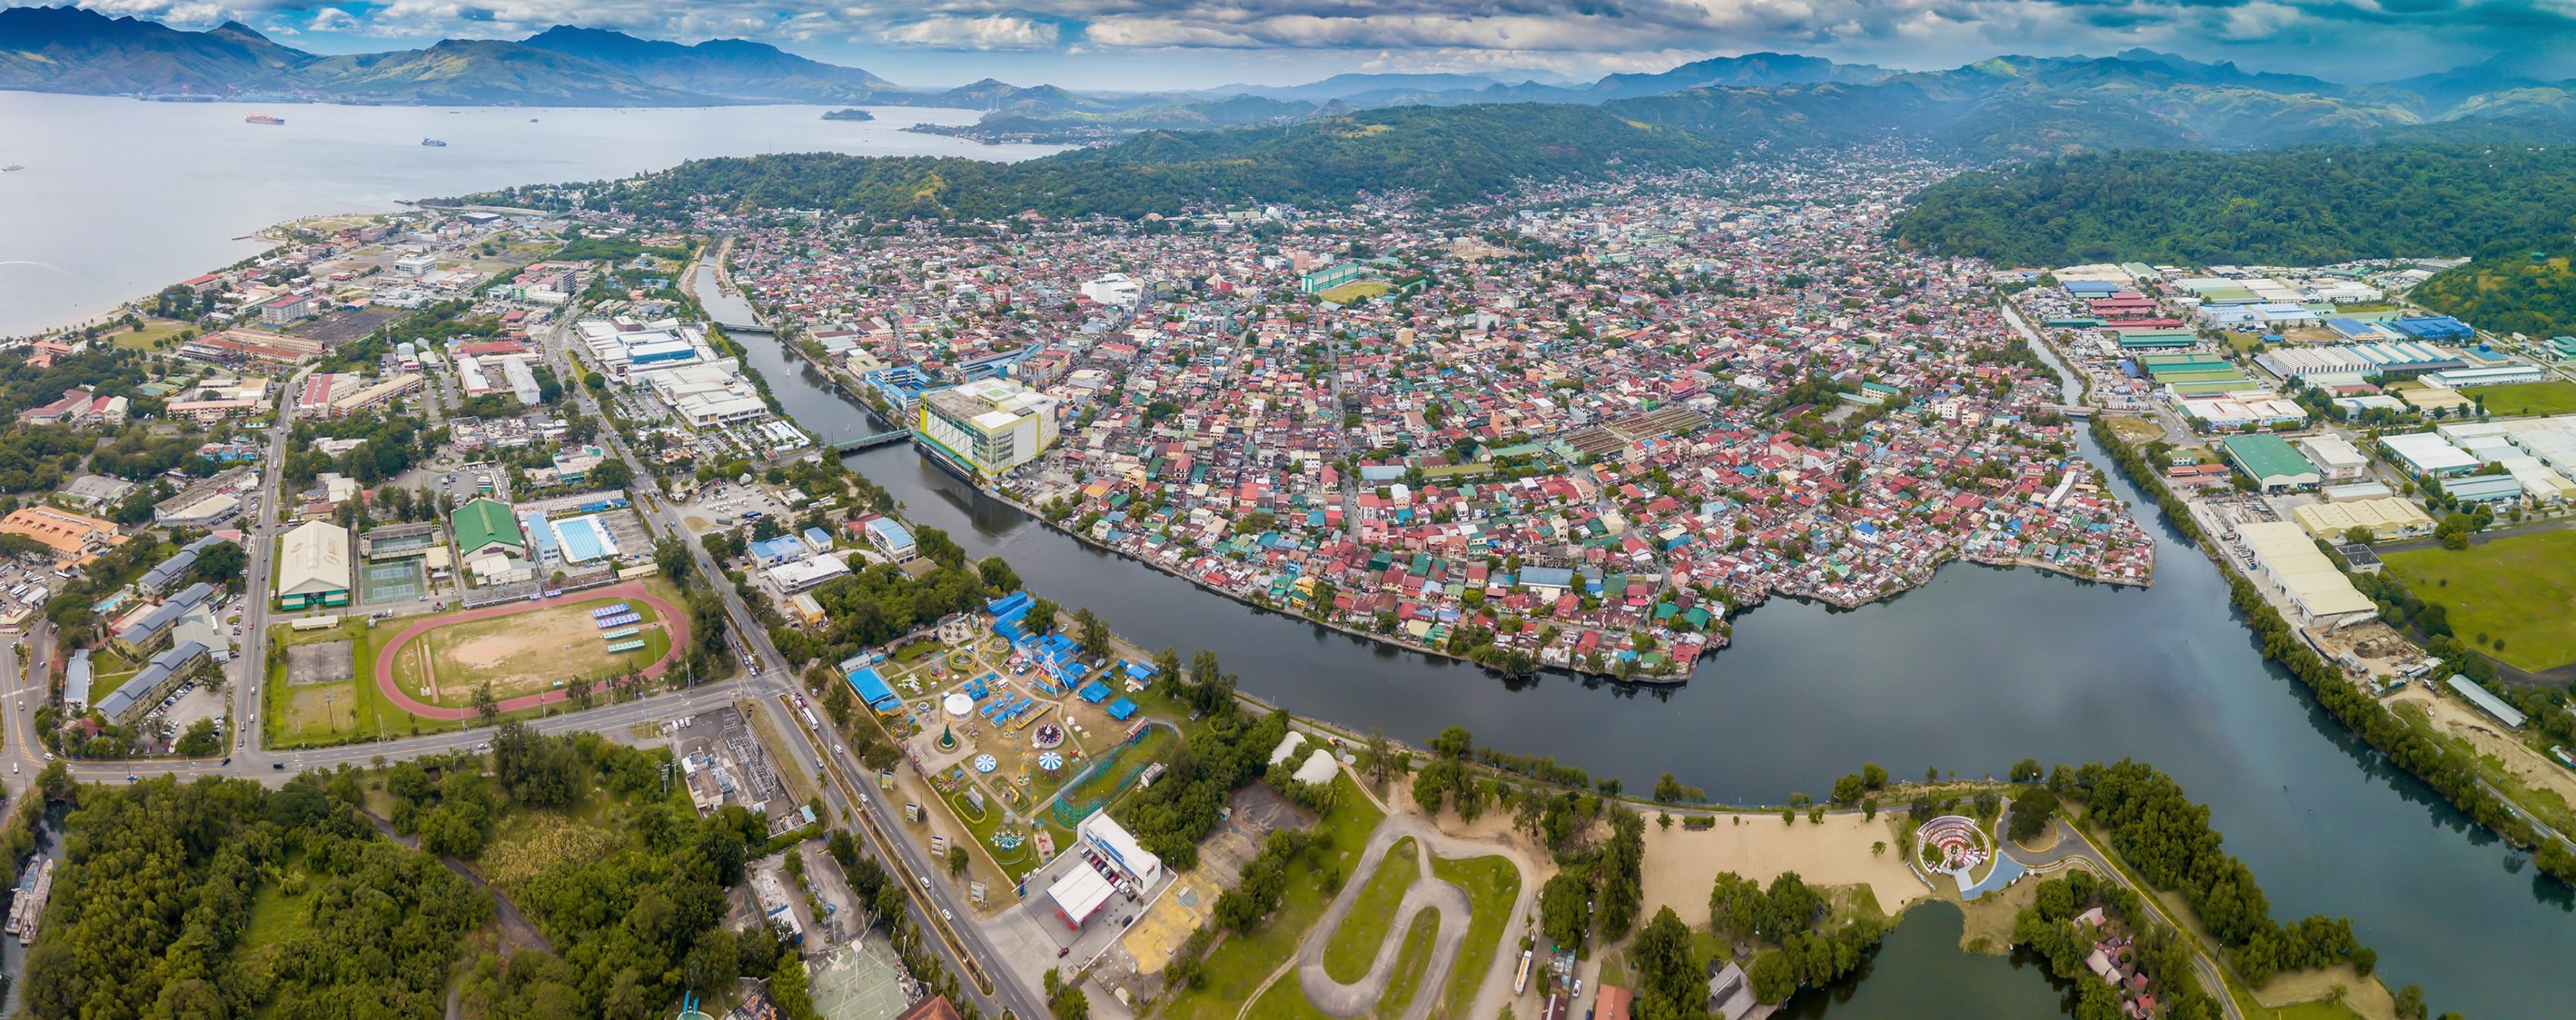 Central Luzon, Philippinen